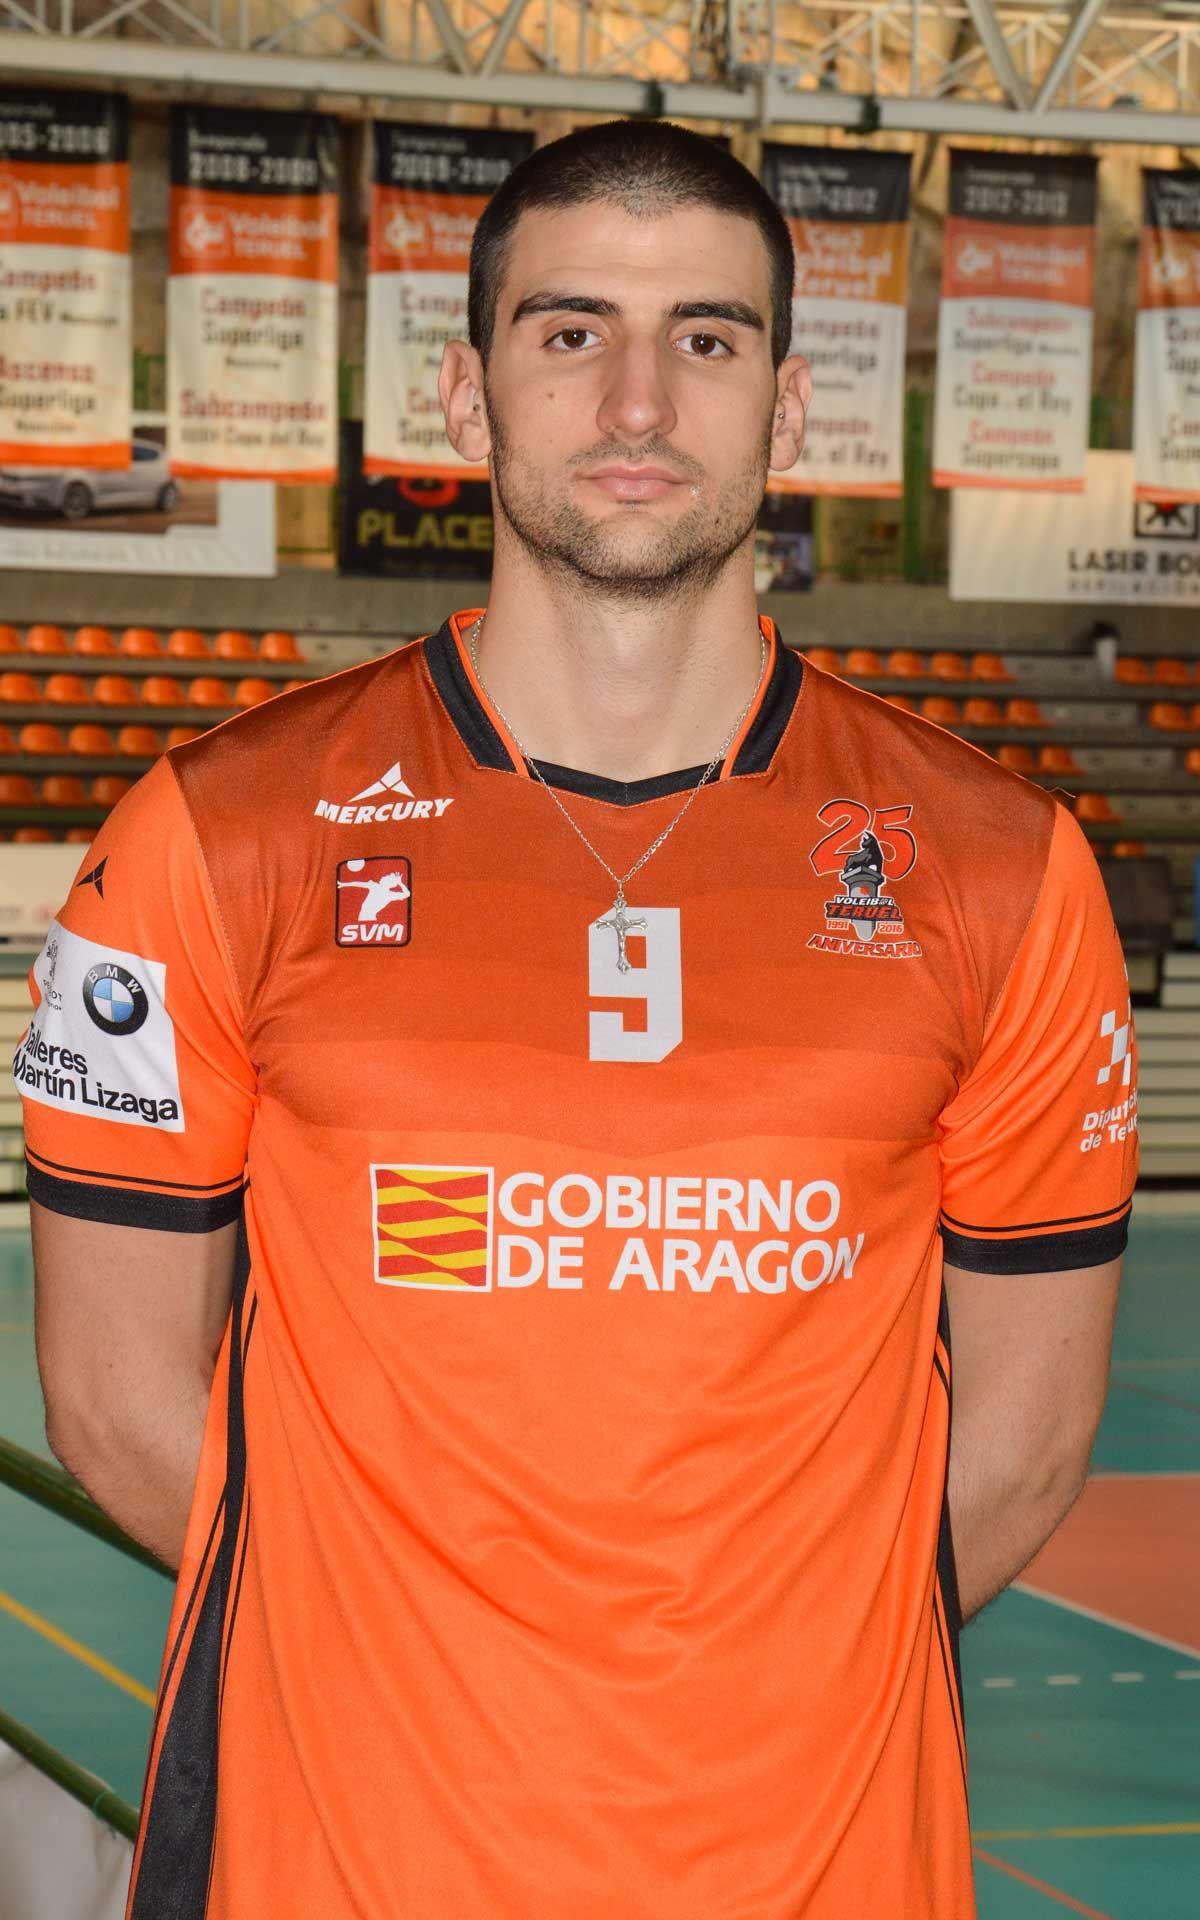 Pablo Bugallo